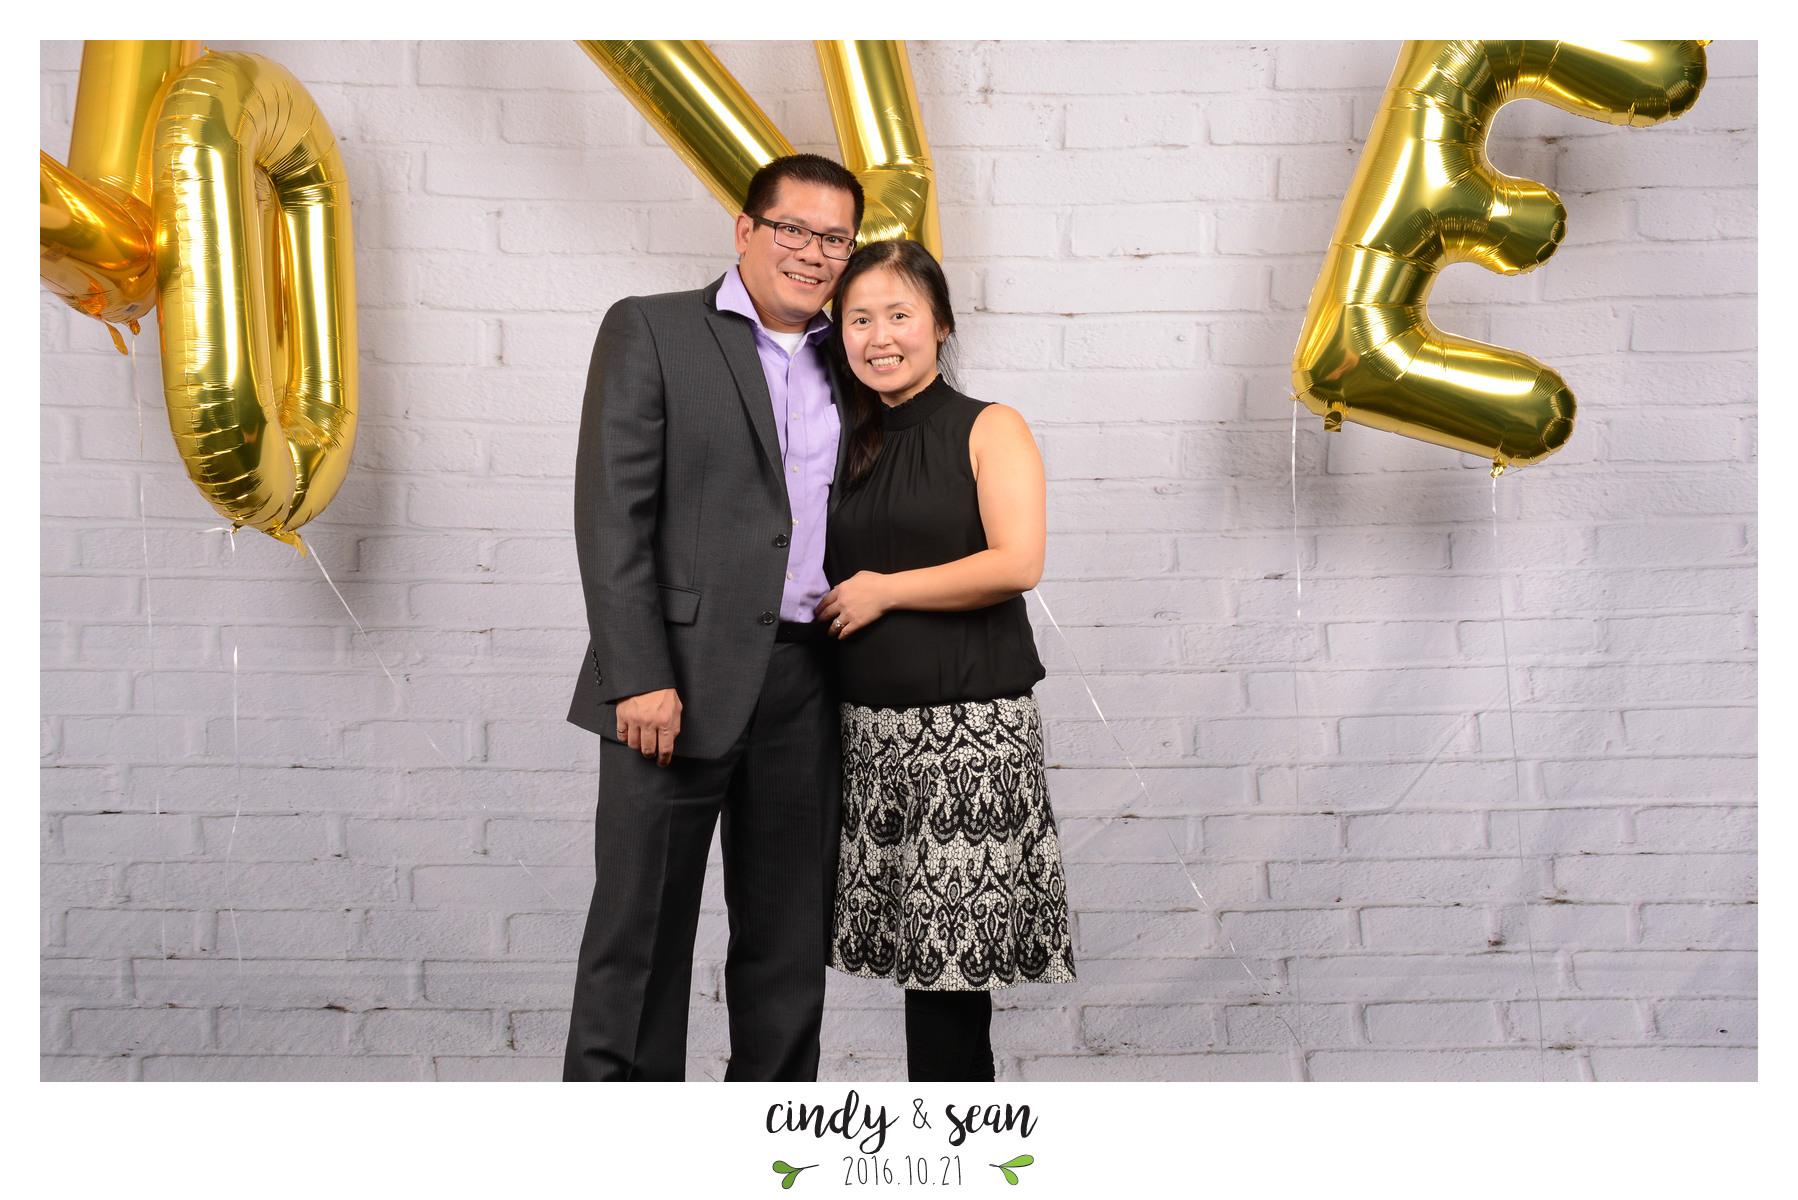 Cindy Sean Bae - 0001-127.jpg